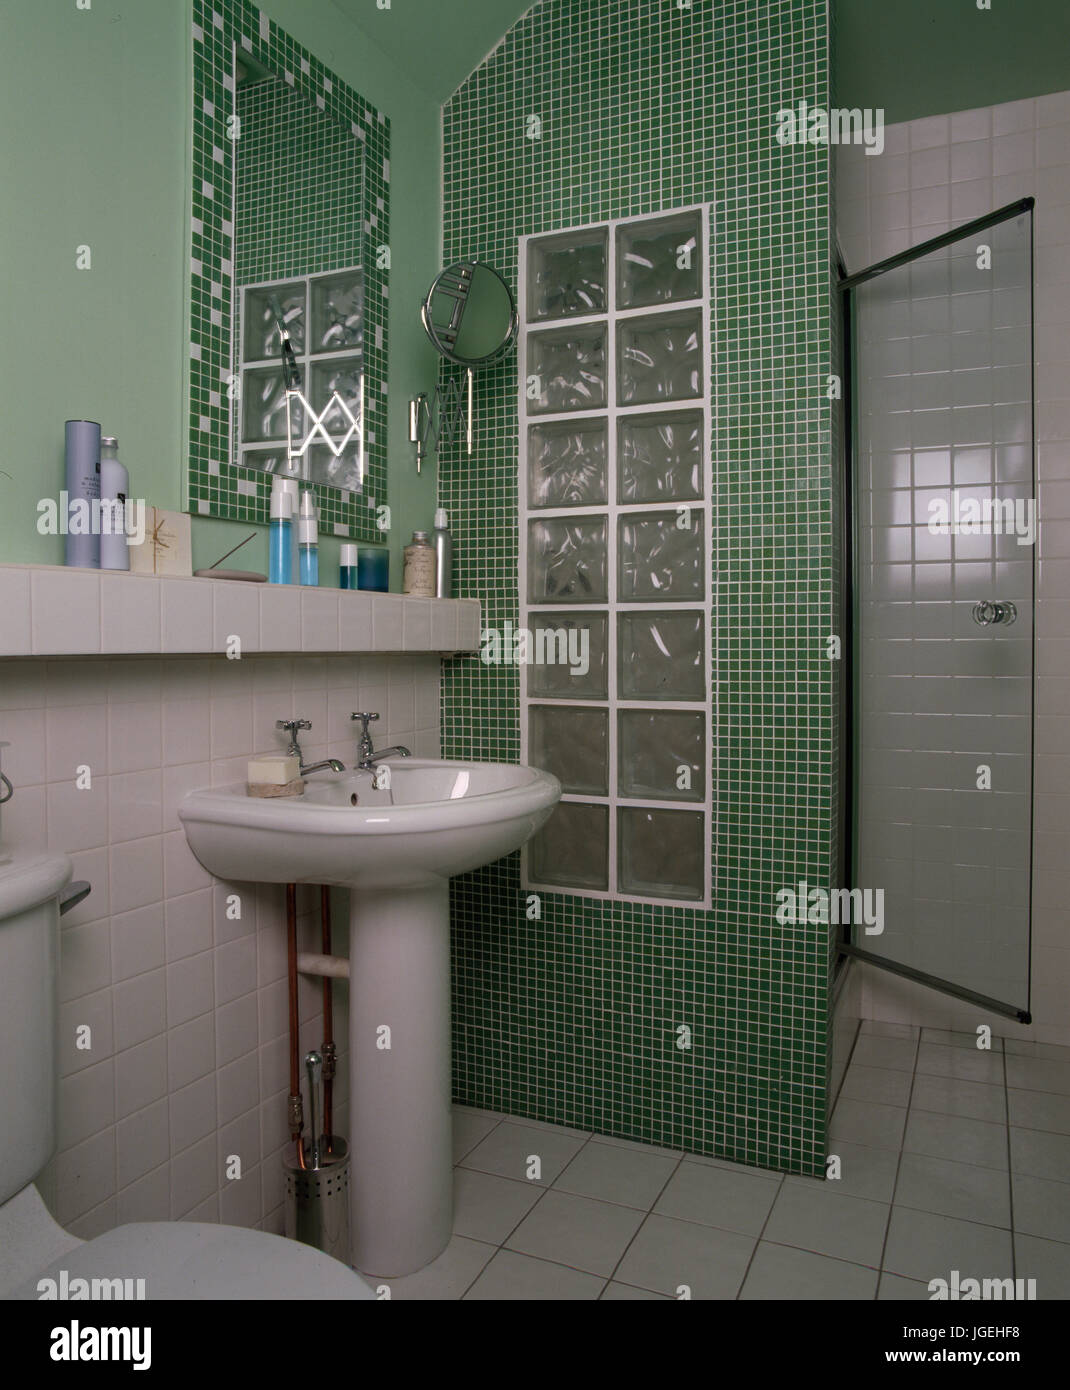 Kleines Badezimmer Mit Mosaik Fliesen Und Glas Brick Wall Gebildet, Dusche